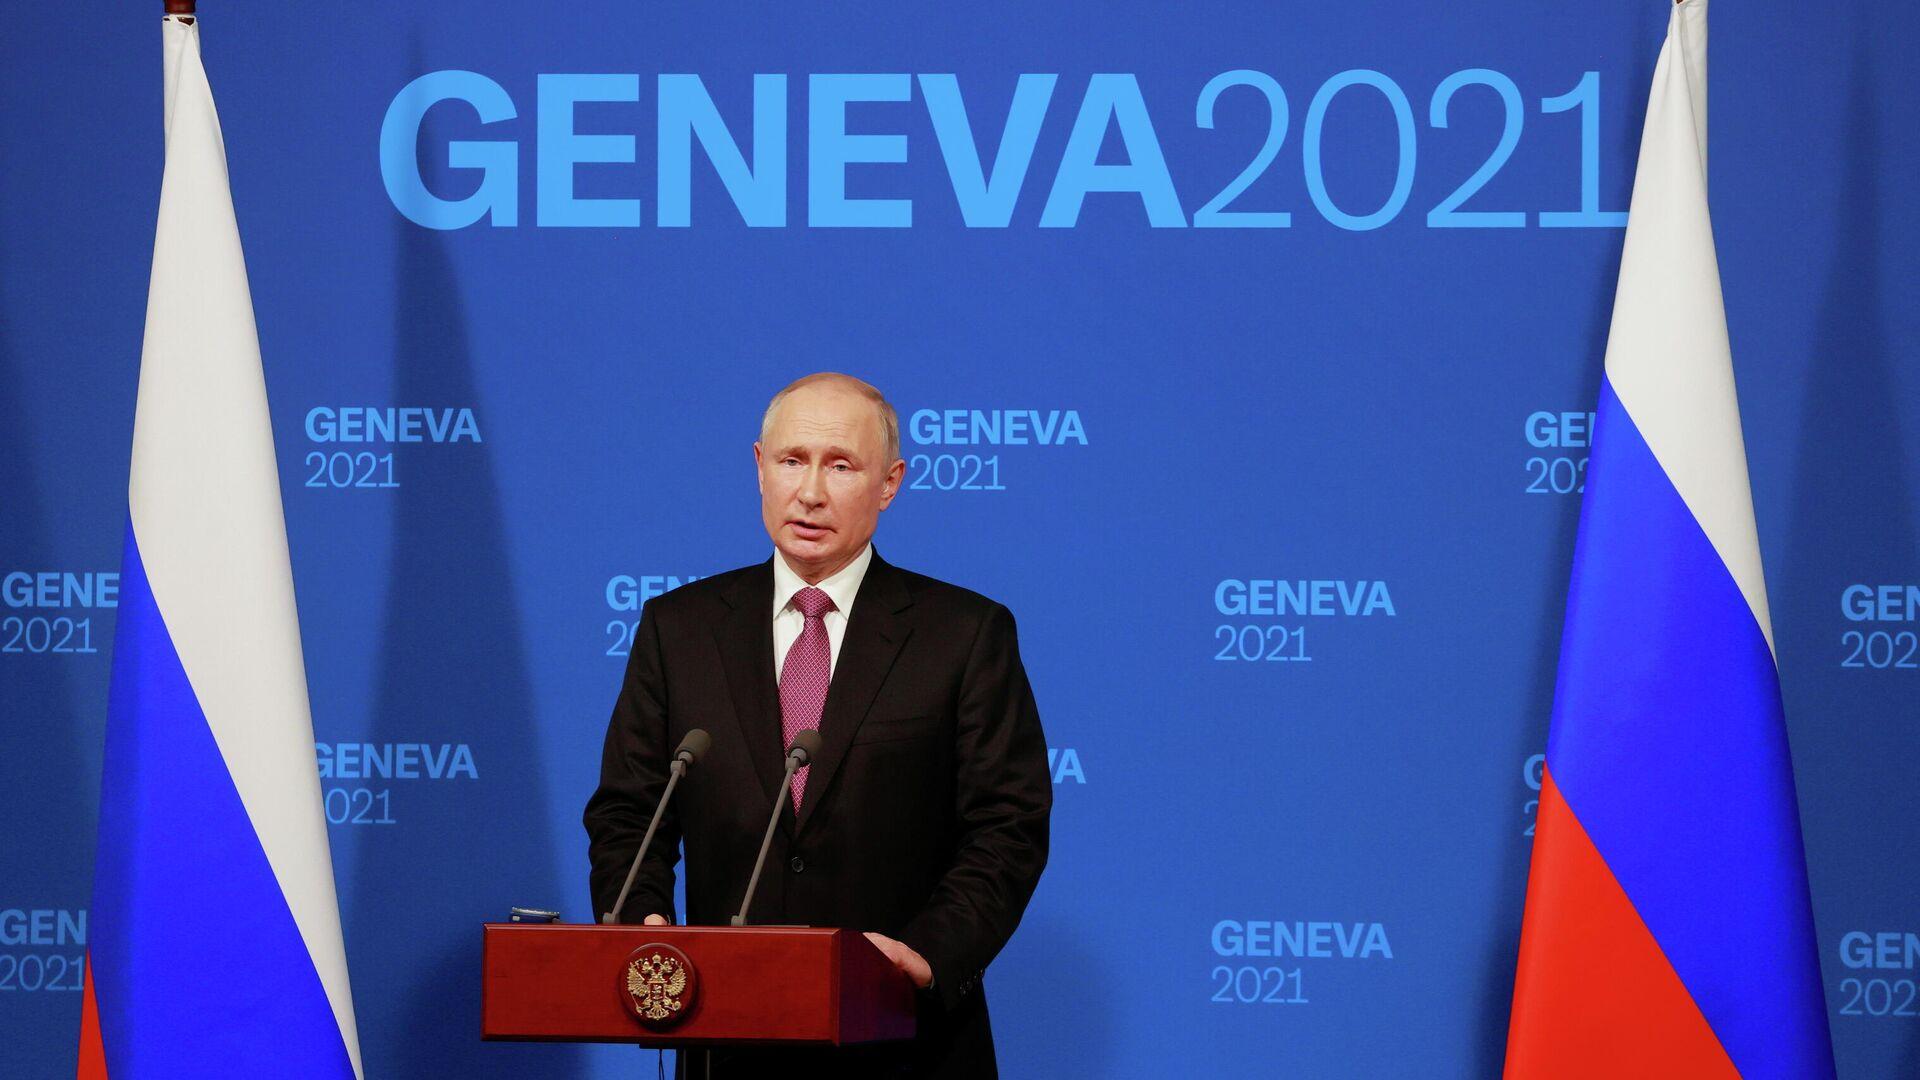 Президент России Владимир Путин во время пресс-конференции по итогам встречи с президентом США Джо Байденом - РИА Новости, 1920, 16.06.2021